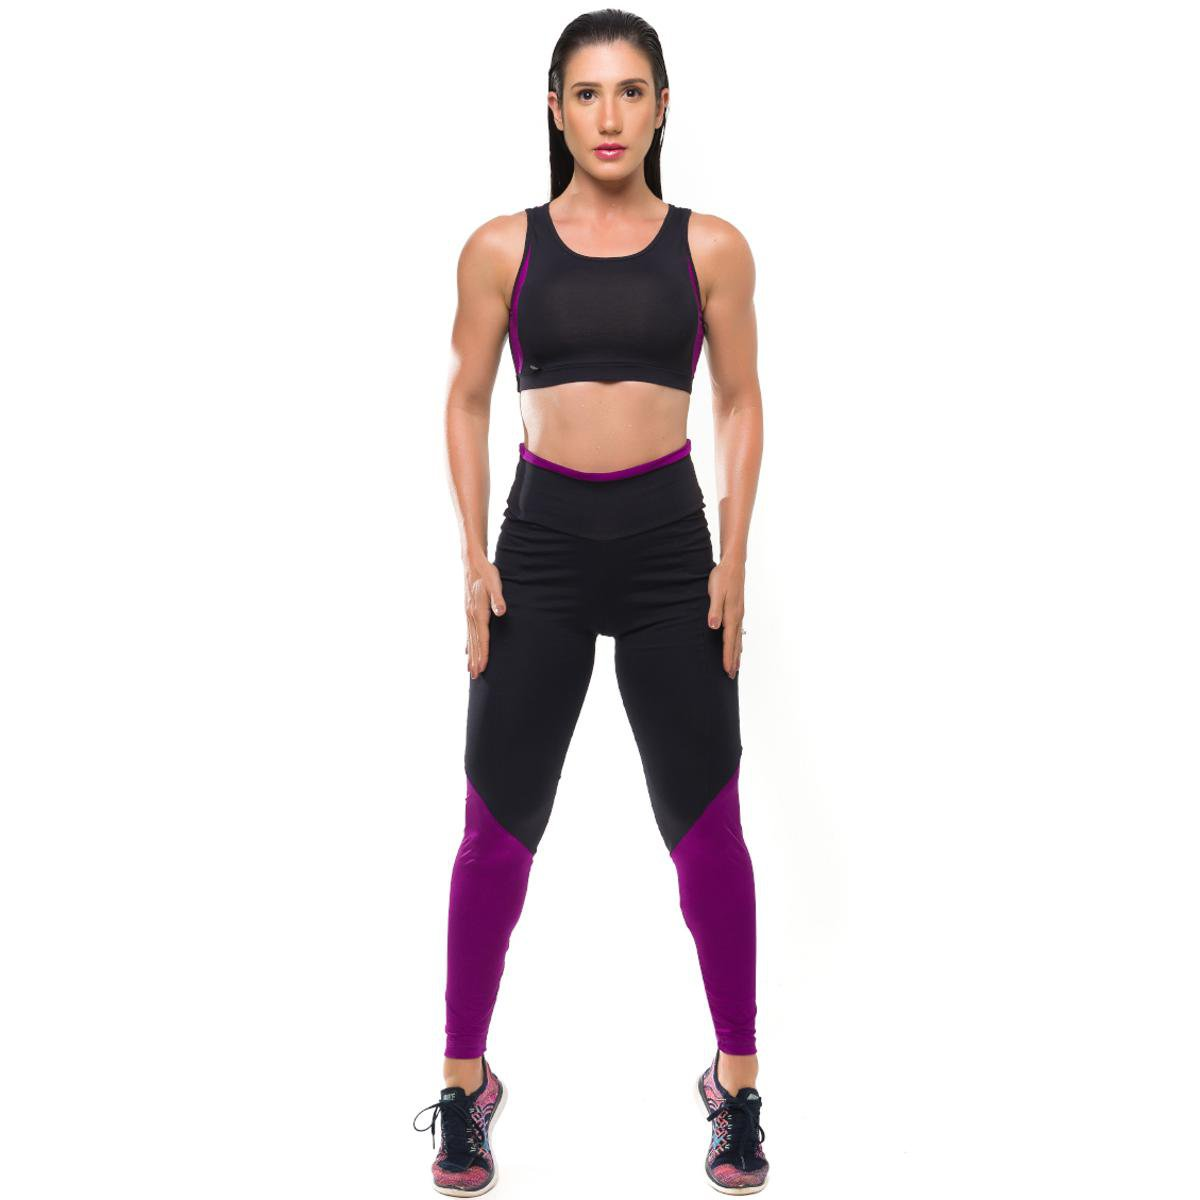 Roxo Legging Proteção e Solar Top Glam Com Sandy Preto Conjunto Feminino Fitness 67w5PqnnTx